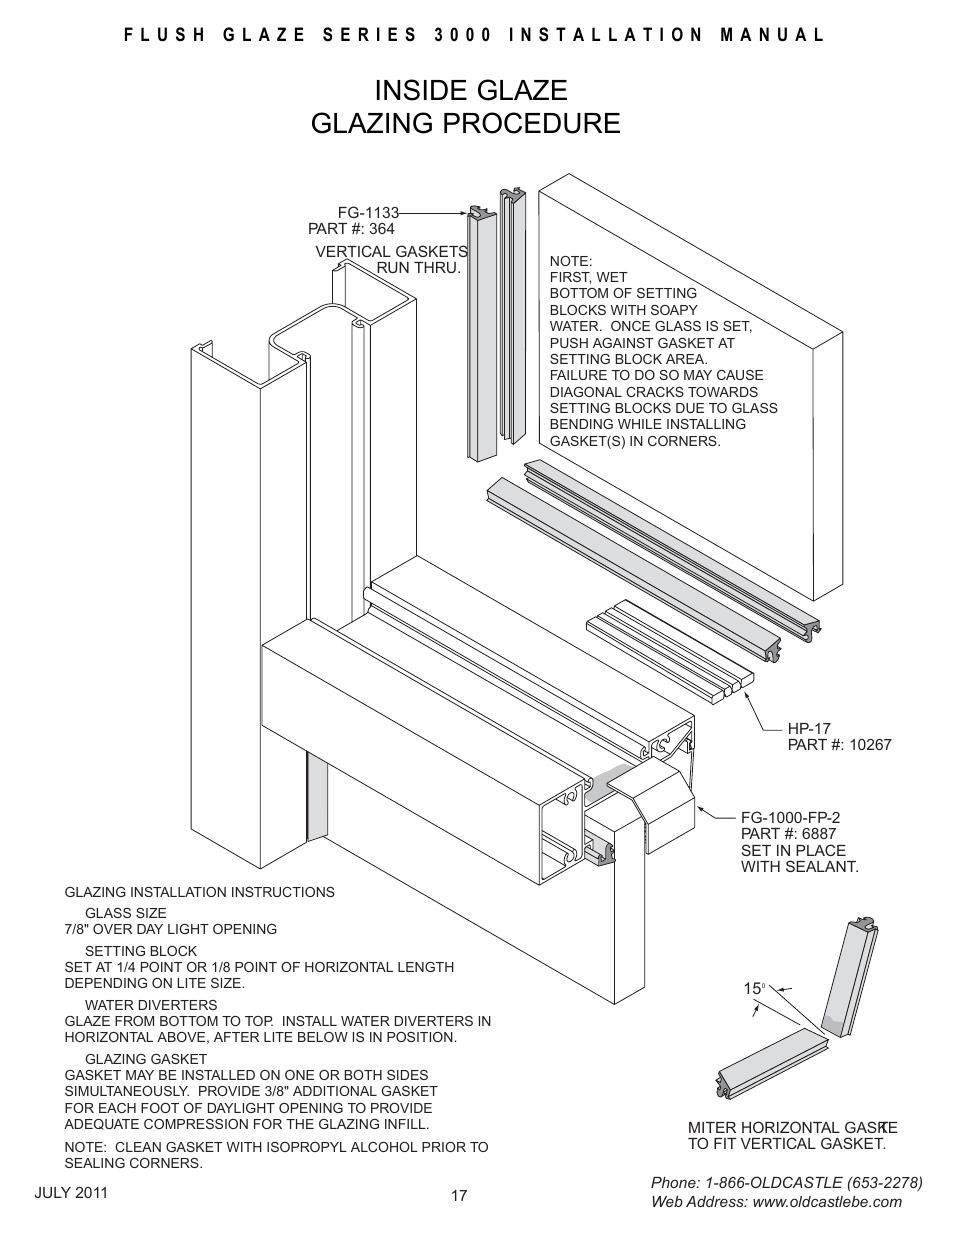 Insideglz-glazing, Inside glaze glazing procedure